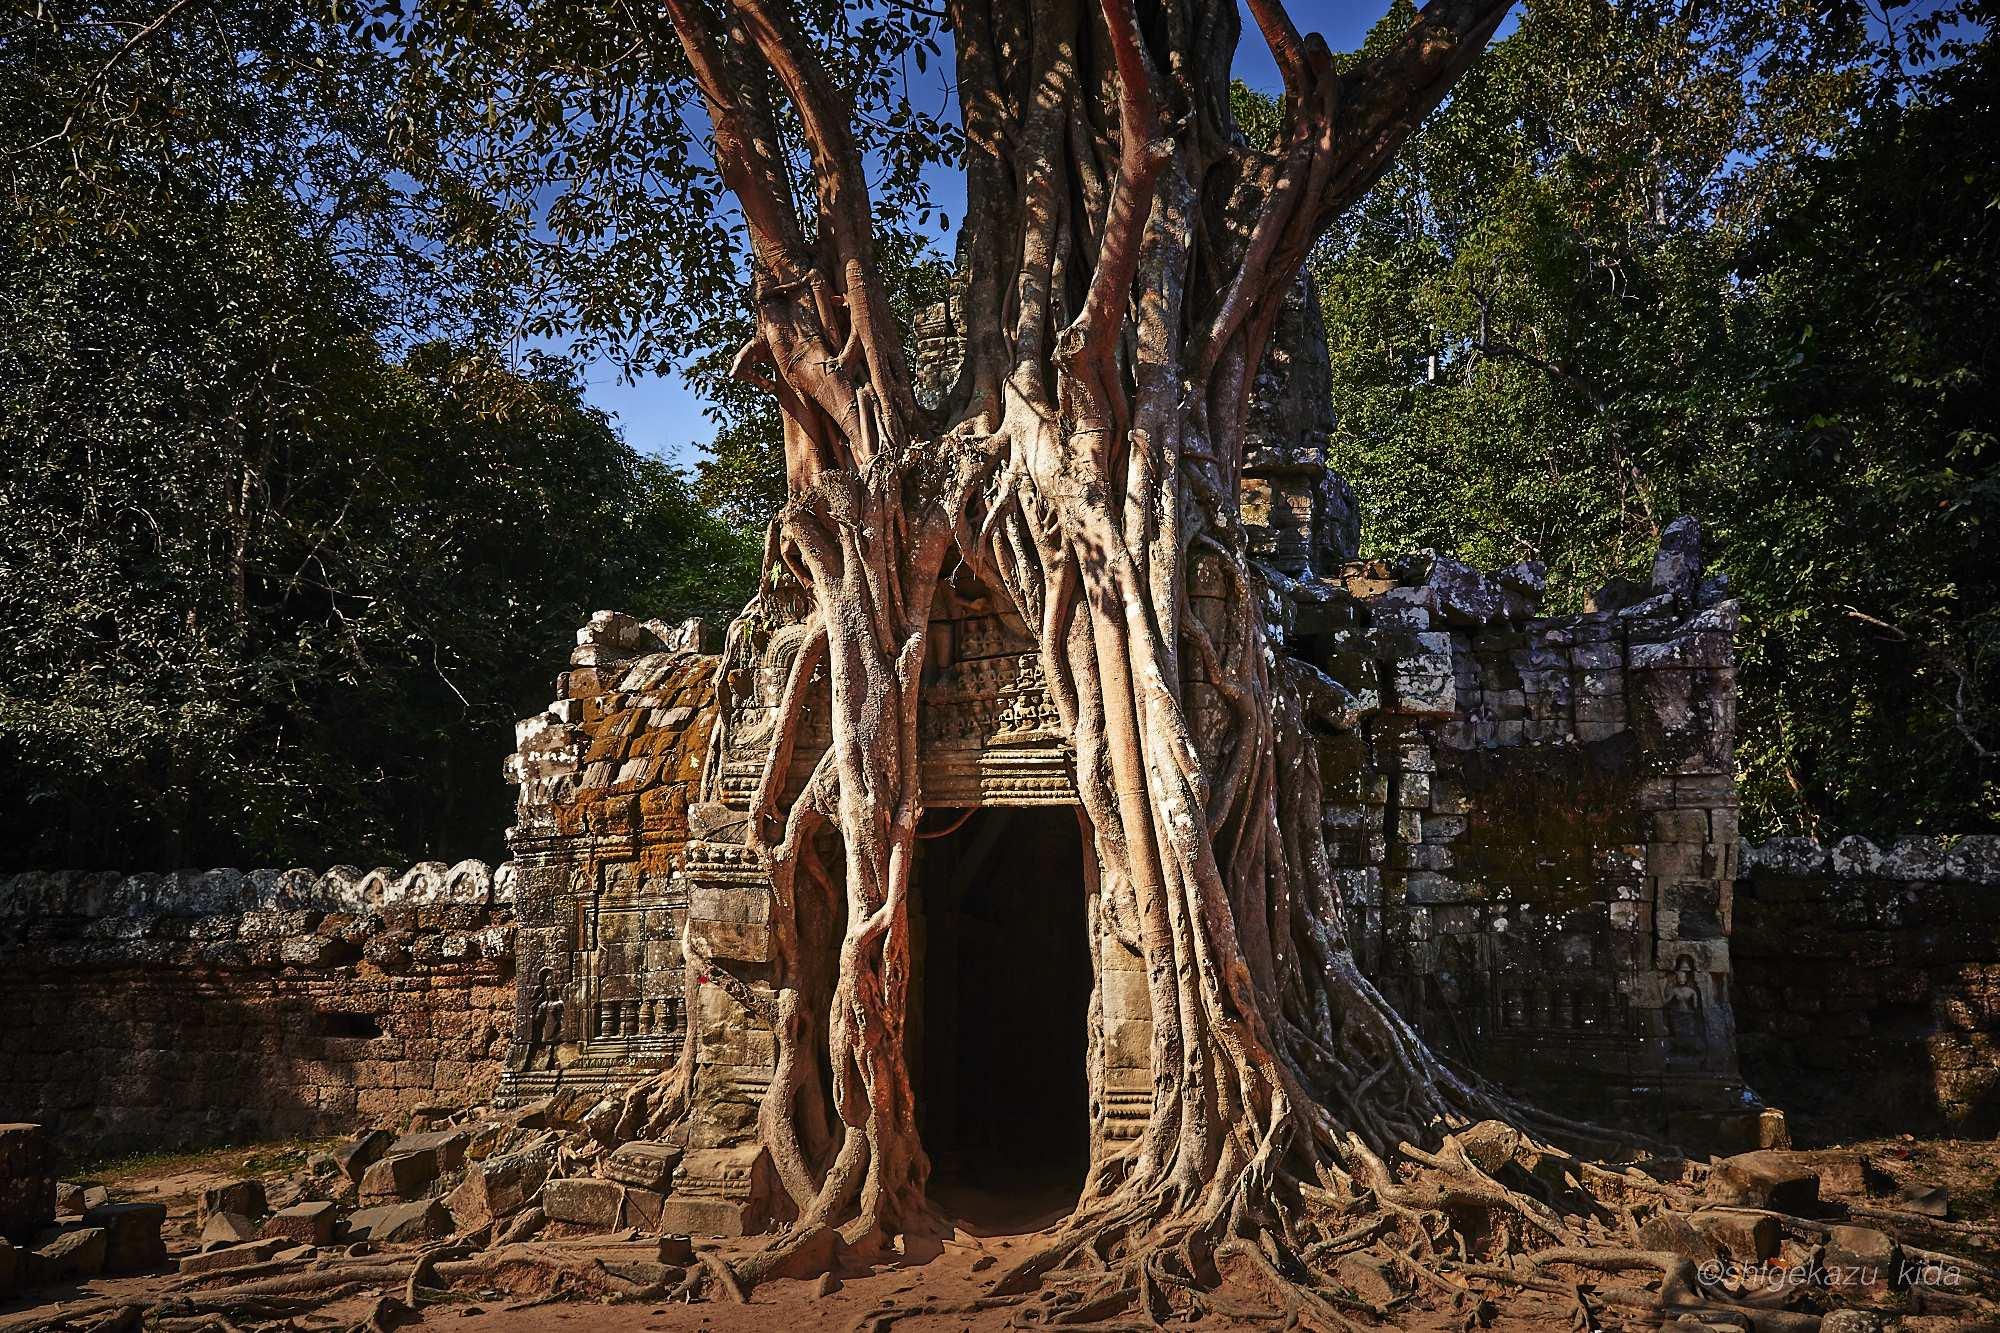 Angkor(アンコール)遺跡群にあるTaSom(タ・ソム)の東塔門にからみつくリエップの木の根